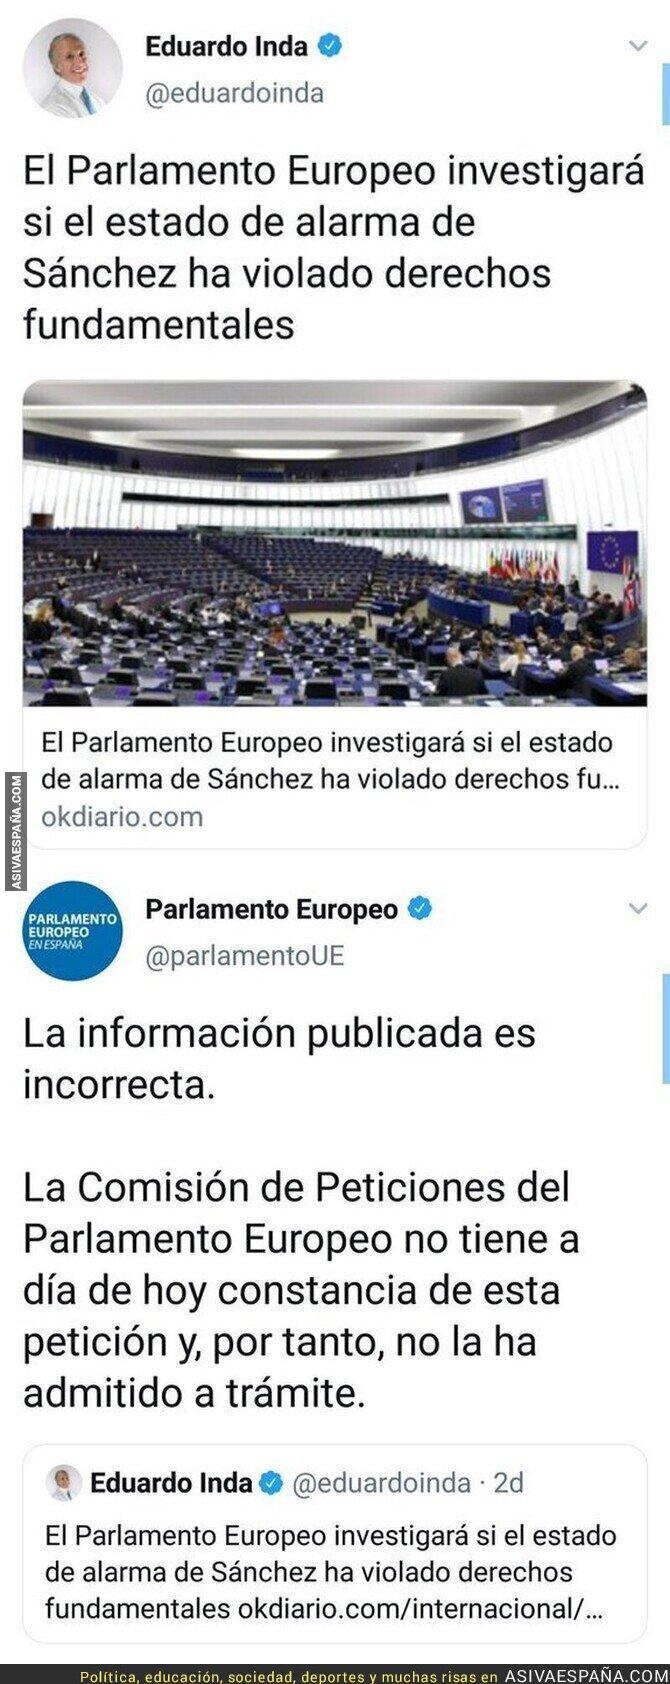 357150 - El Parlamento Europeo desmiente a Eduardo Inda